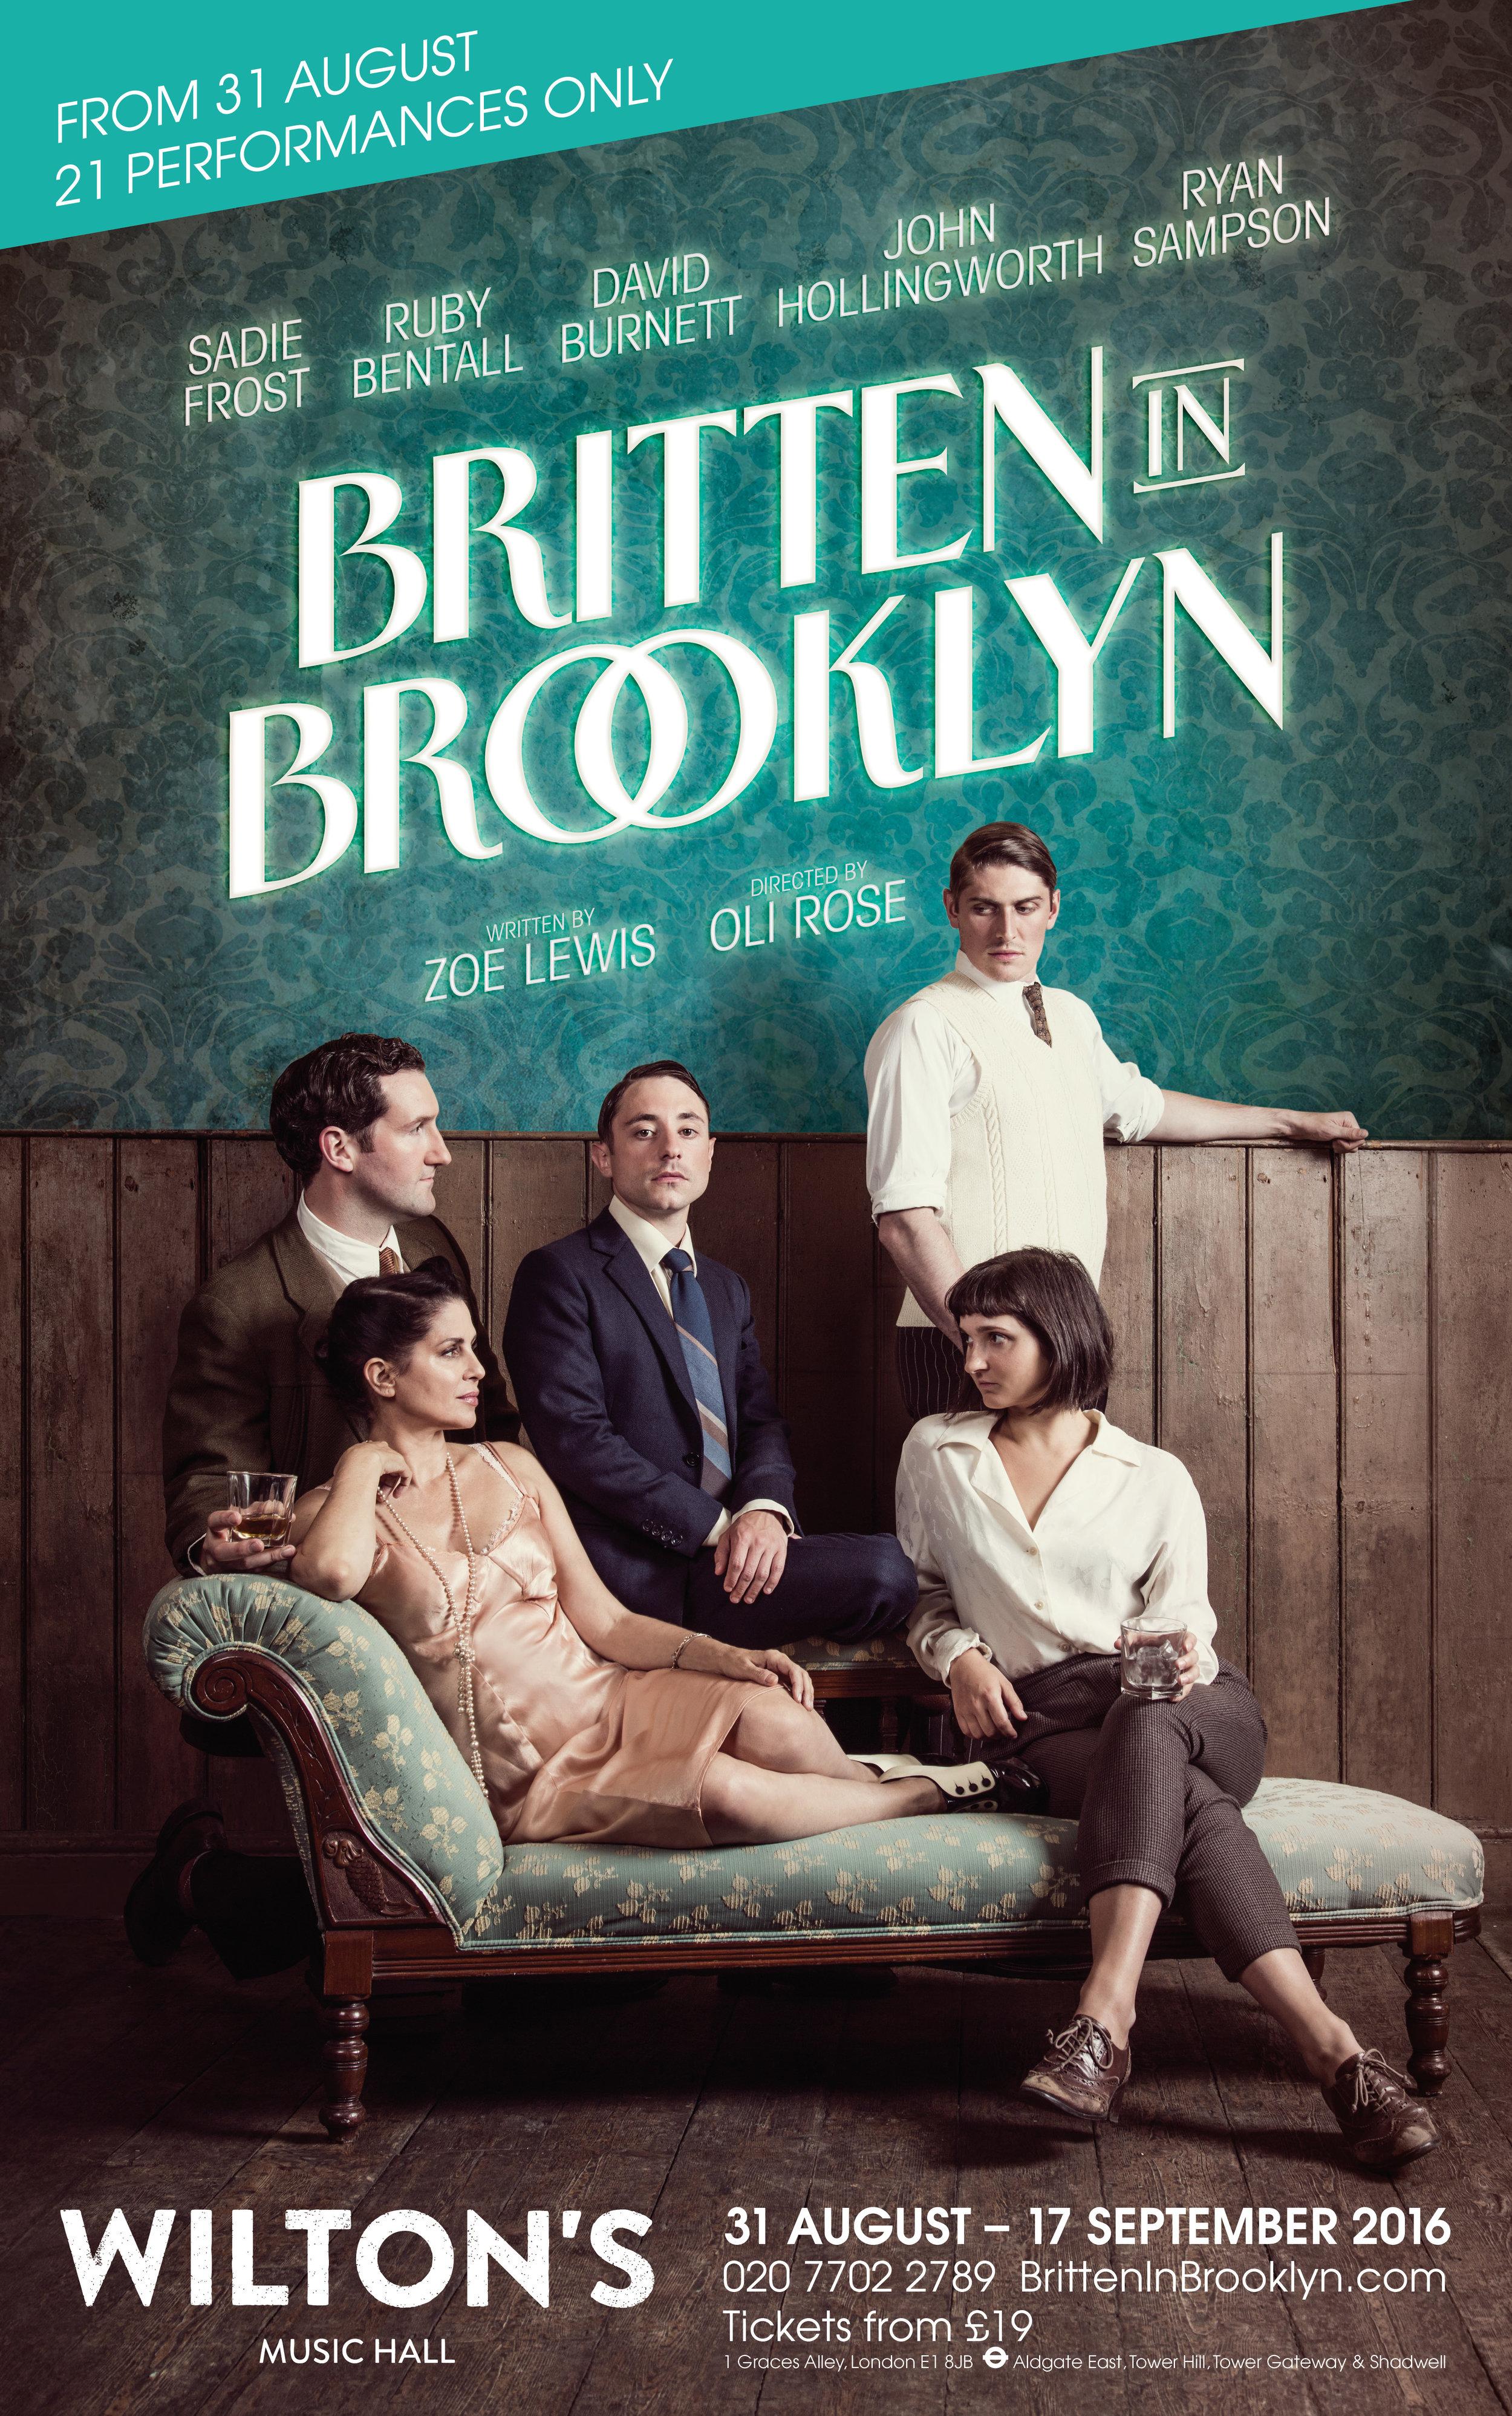 Britten In Brooklyn.jpg